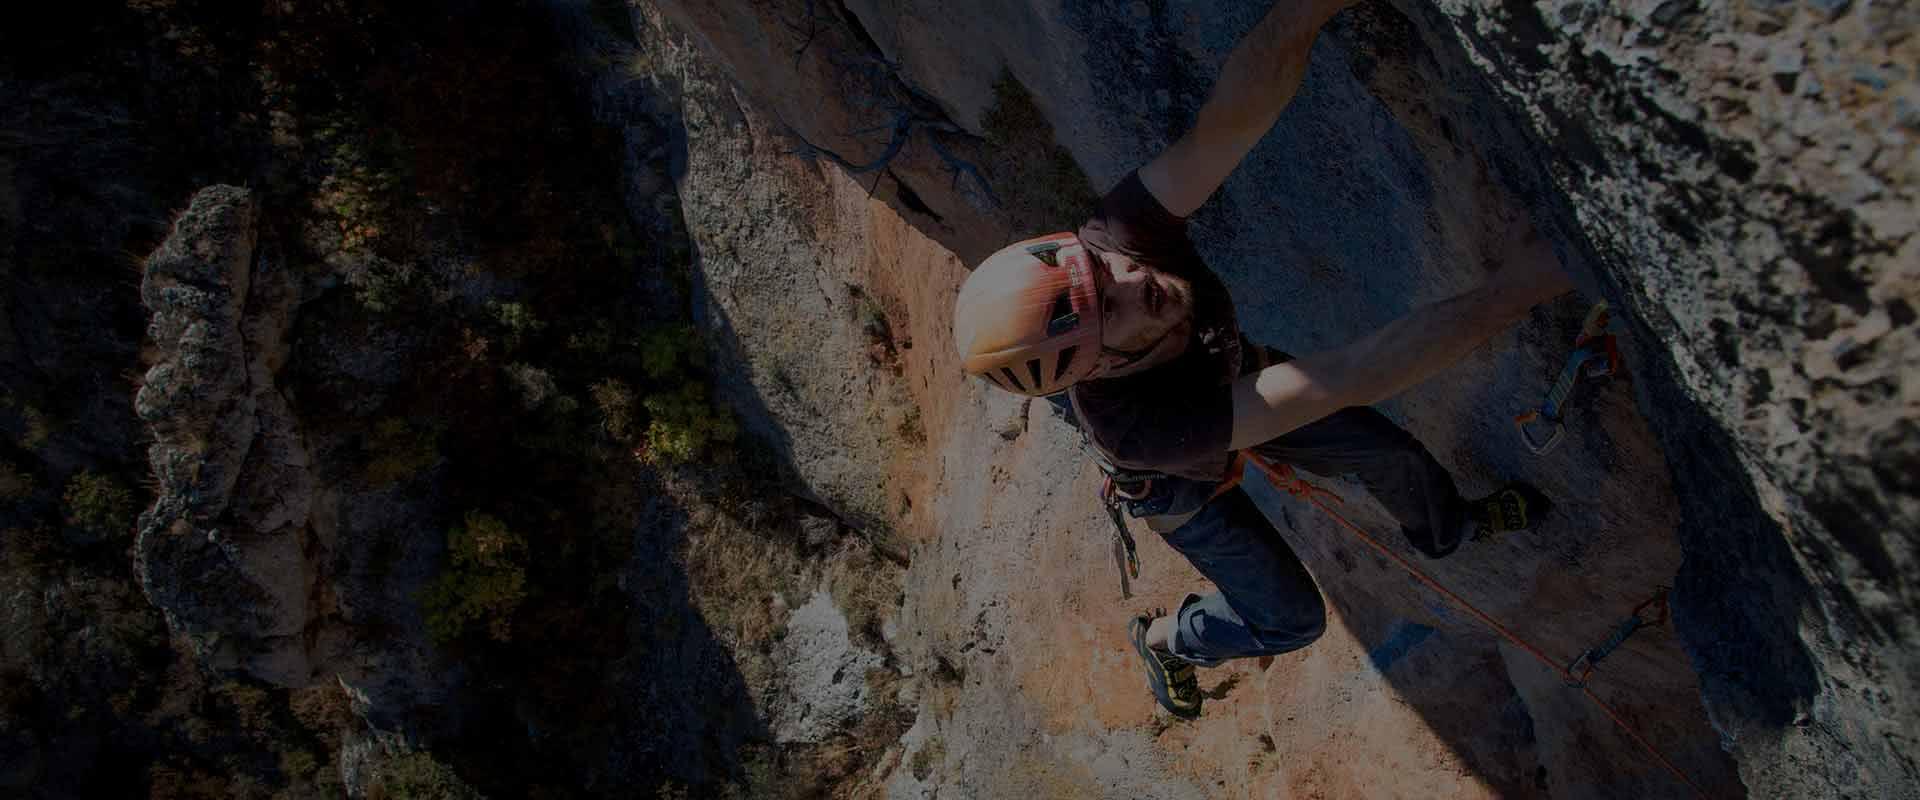 escalada deportiva de dificultad en zaragoza